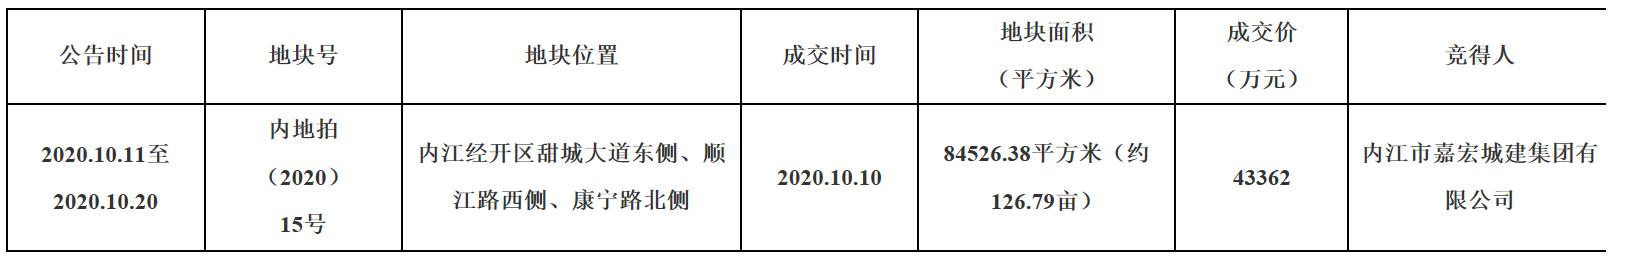 http://www.edaojz.cn/yuleshishang/811064.html